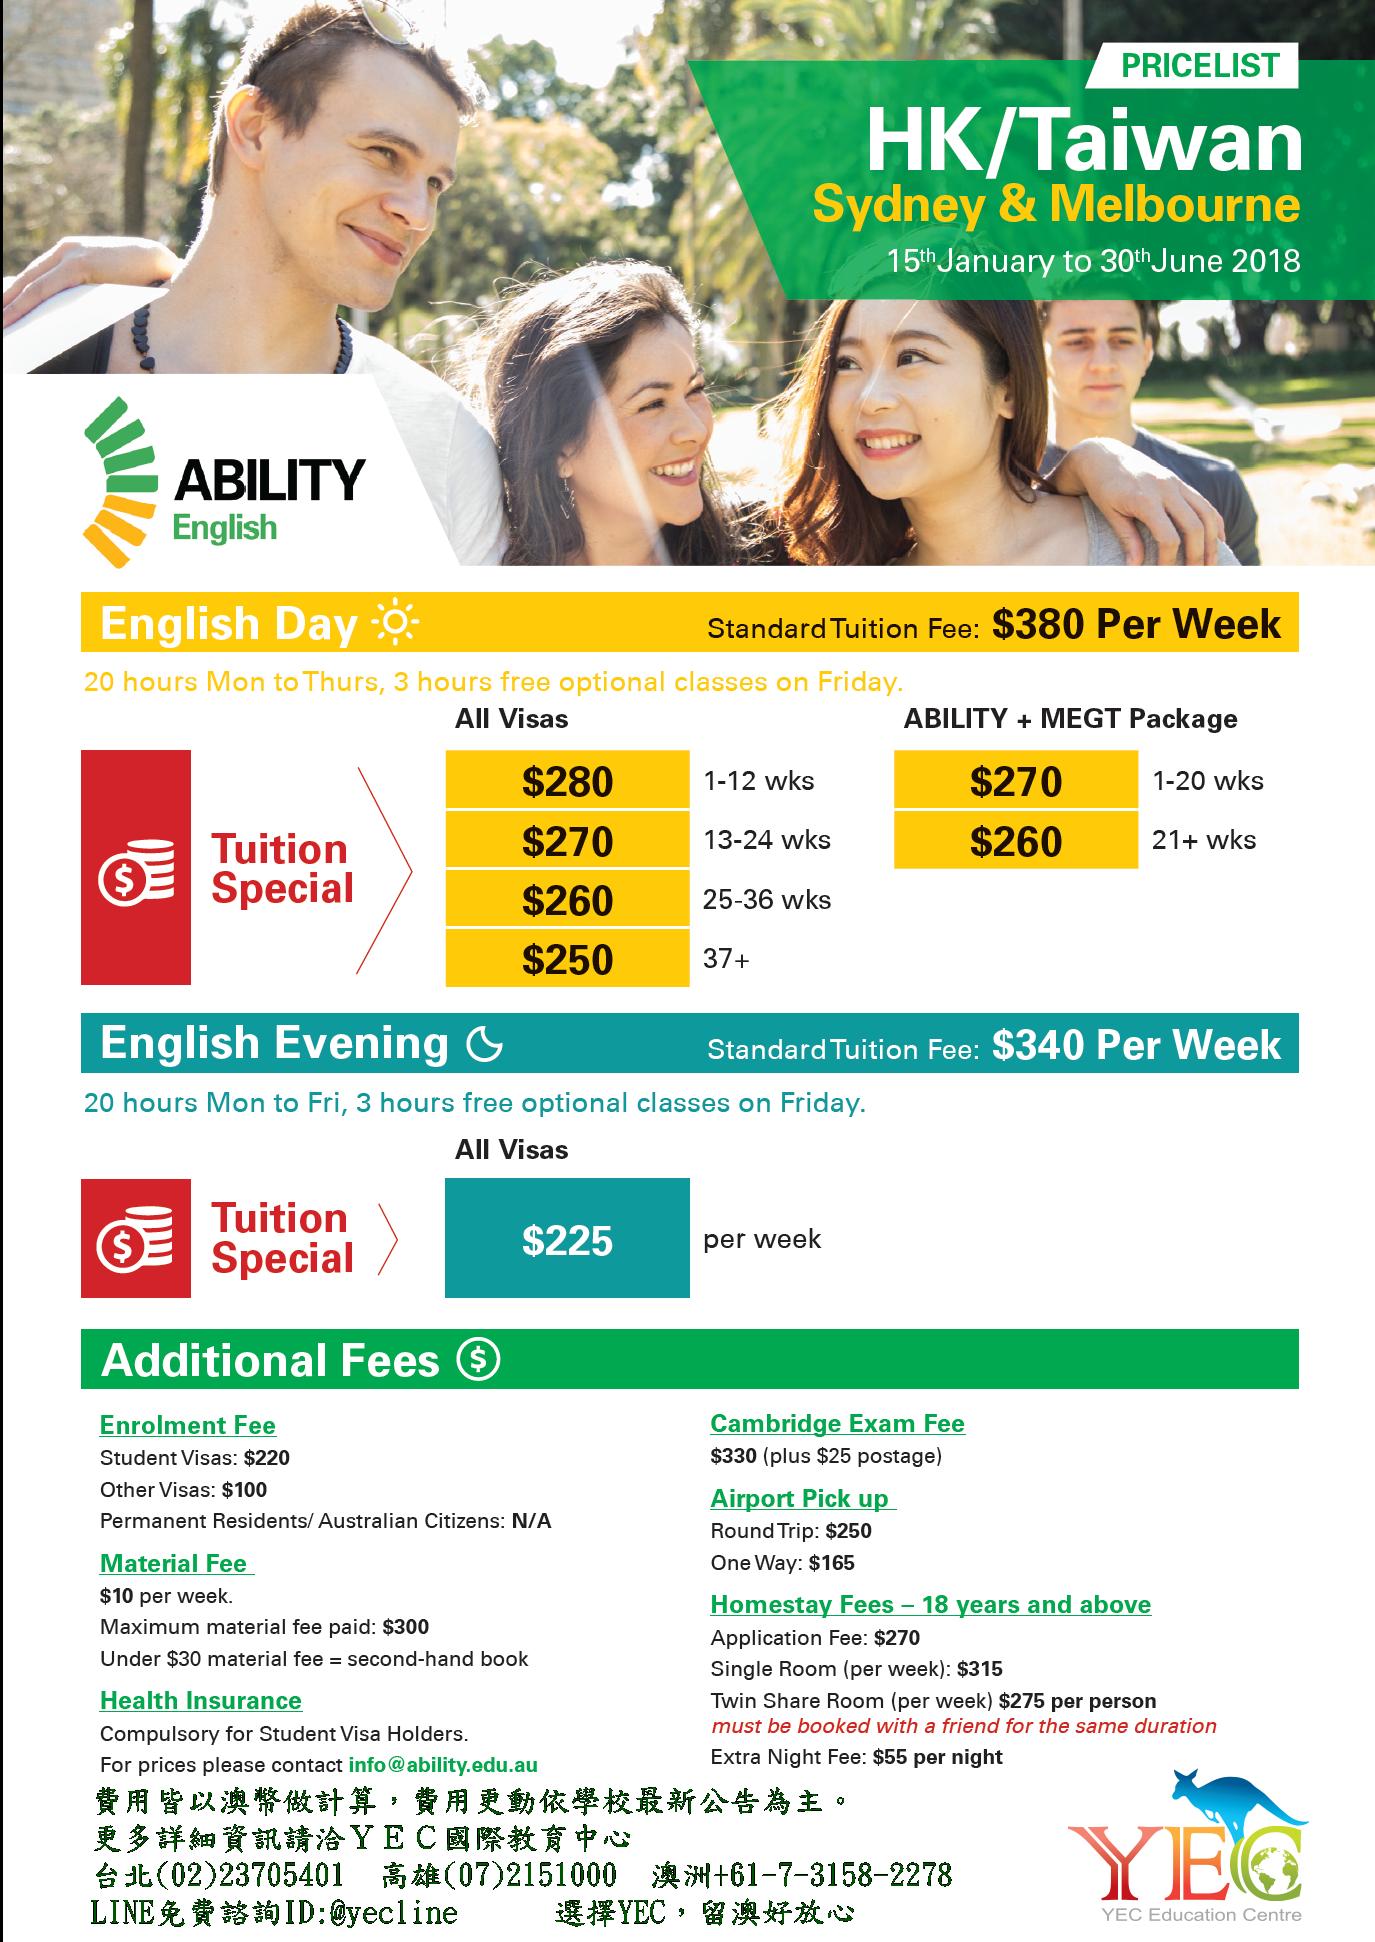 【雪梨 | 墨爾本】Ability 2018 最新遊學優惠